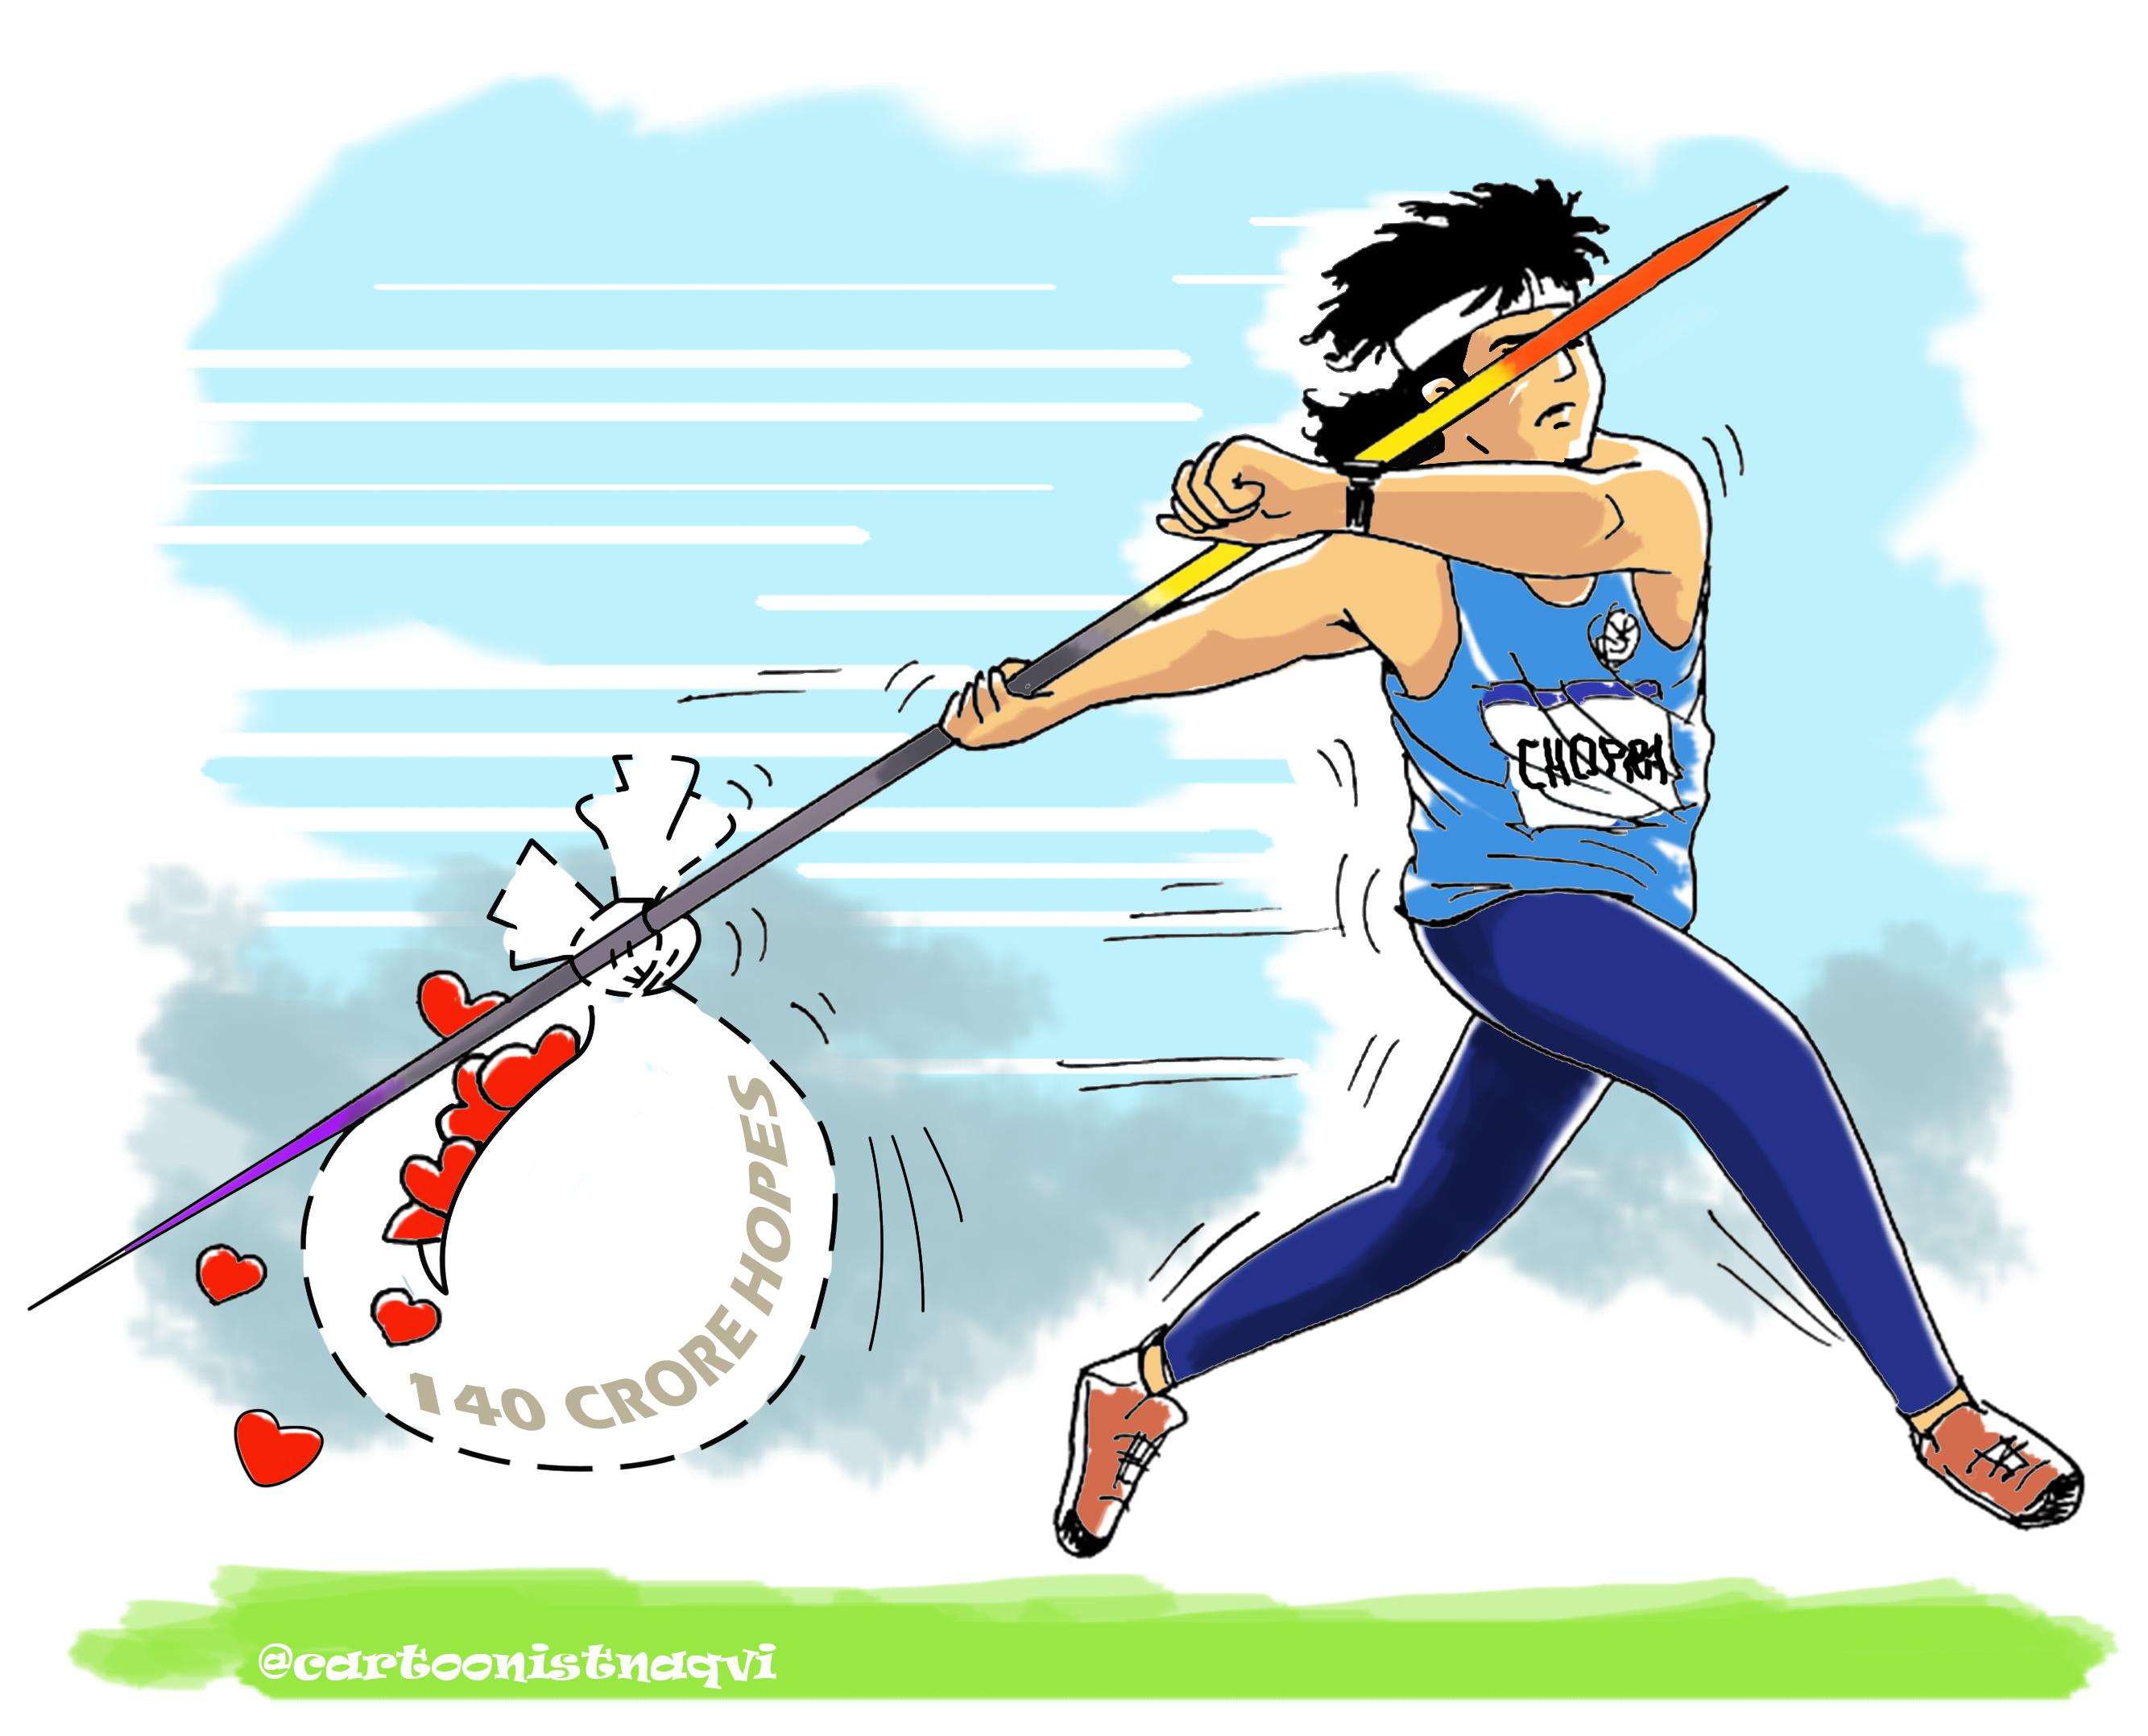 गोल्ड जीतने के बाद बोले - दूसरा थ्रो फेंकते ही समझ गया था ये बेस्ट होगा; अगला टारगेट 90 मीटर स्पोर्ट्स,Sports - Dainik Bhaskar